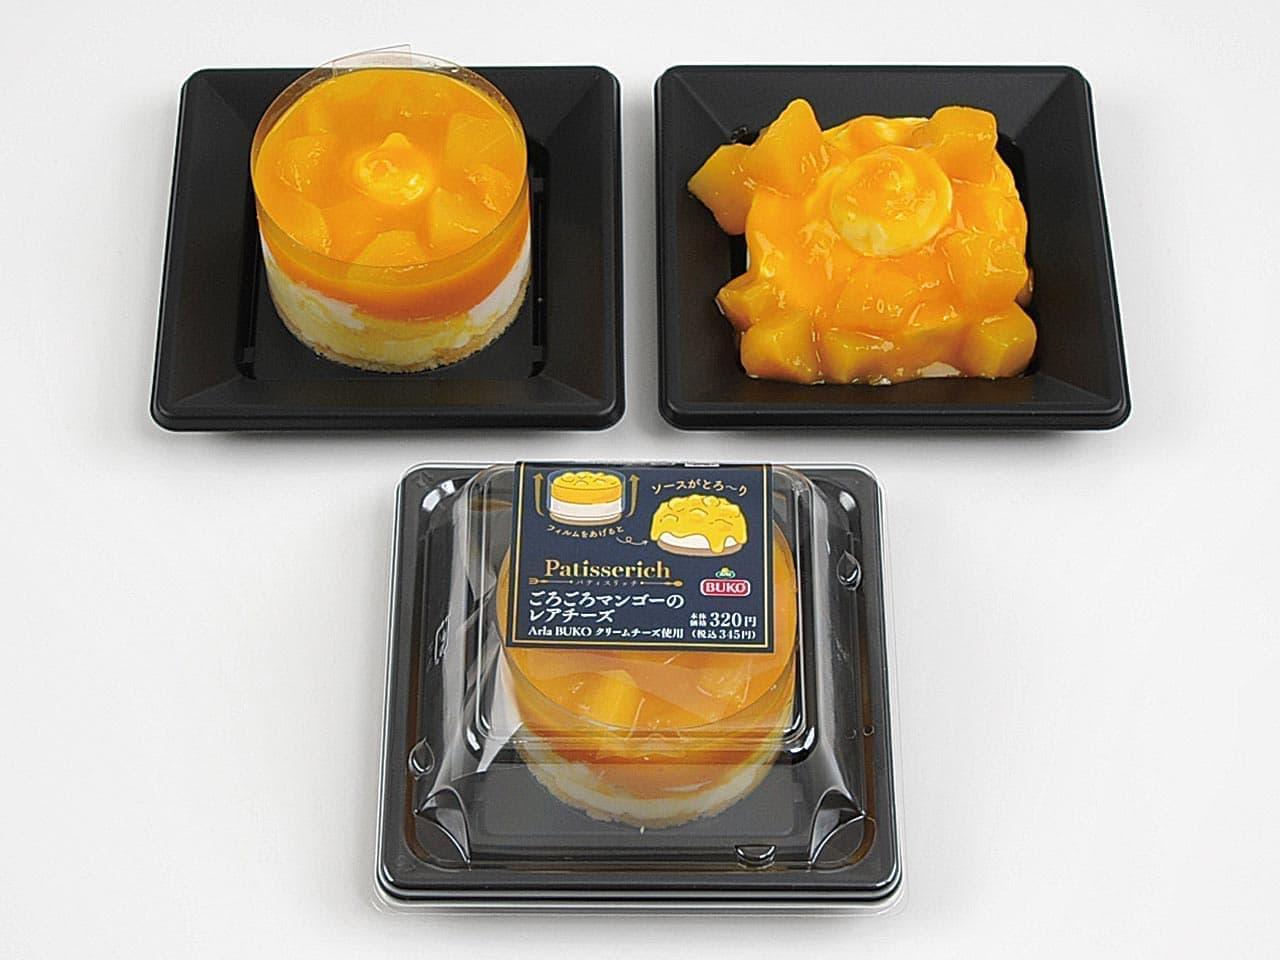 ミニストップ「ごろごろマンゴーのレアチーズ」